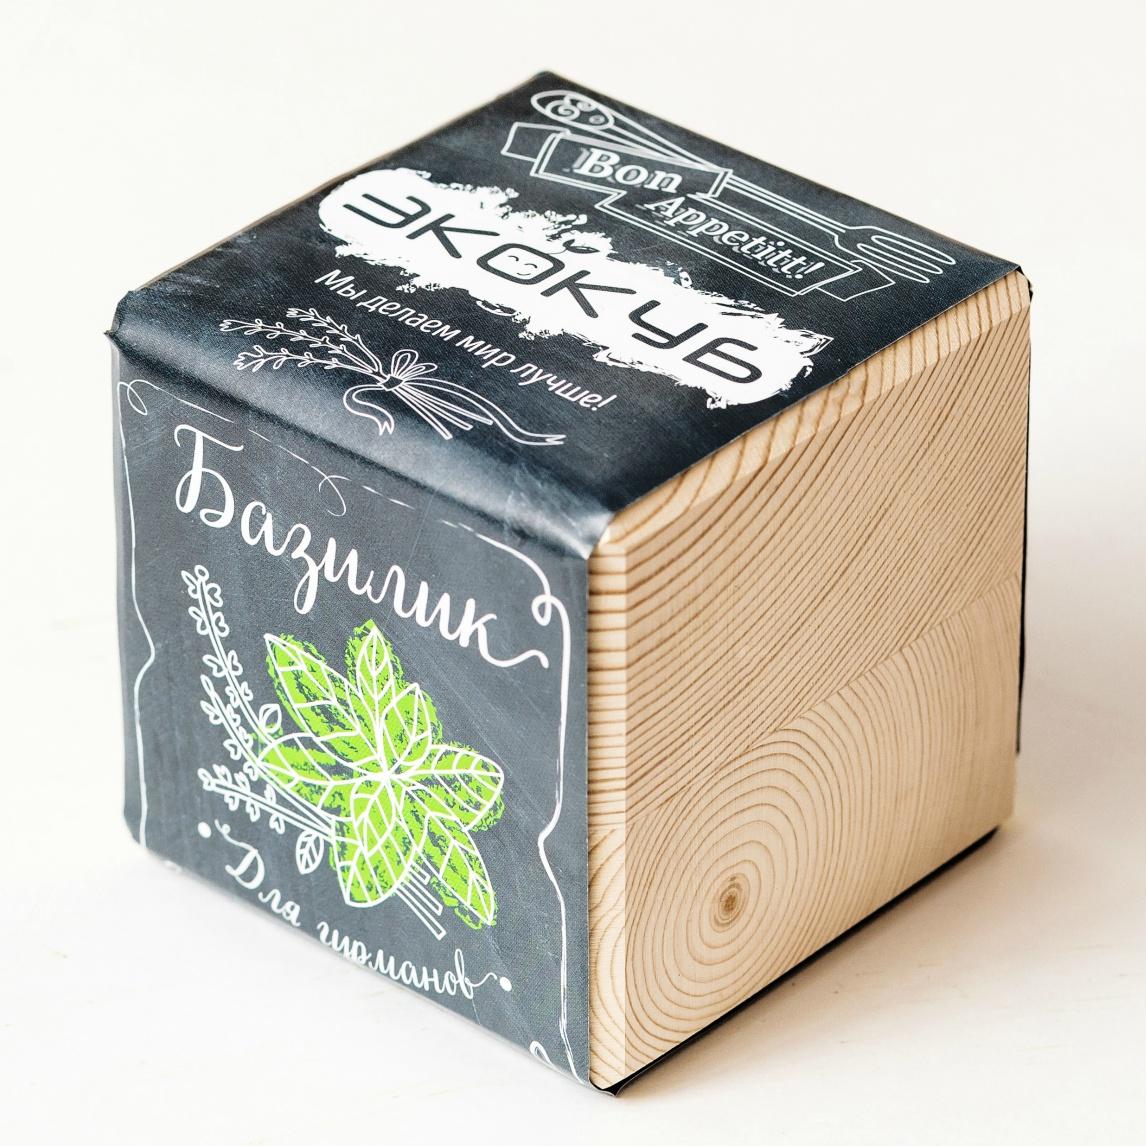 цена на Сувенирный набор ЭЙФОРД Набор для выращивания Экокуб Базилик, бежевый, черный, зеленый